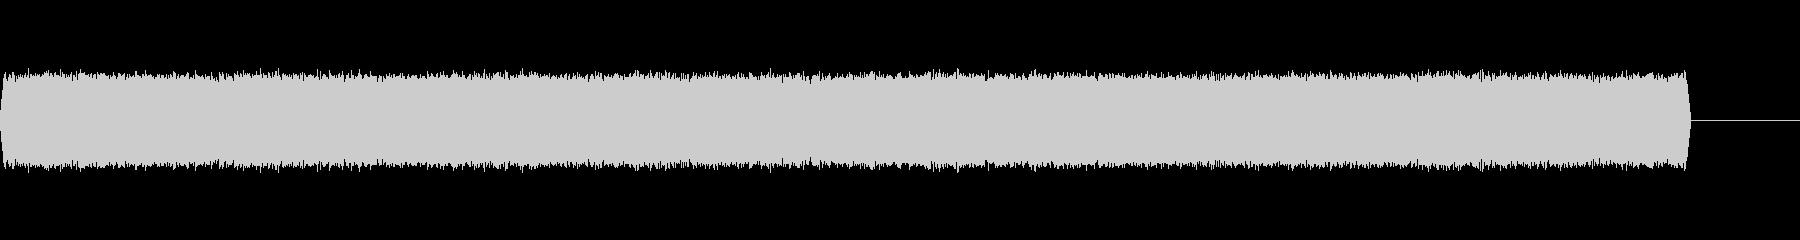 【電子音、アナログ】アラーム音2の未再生の波形